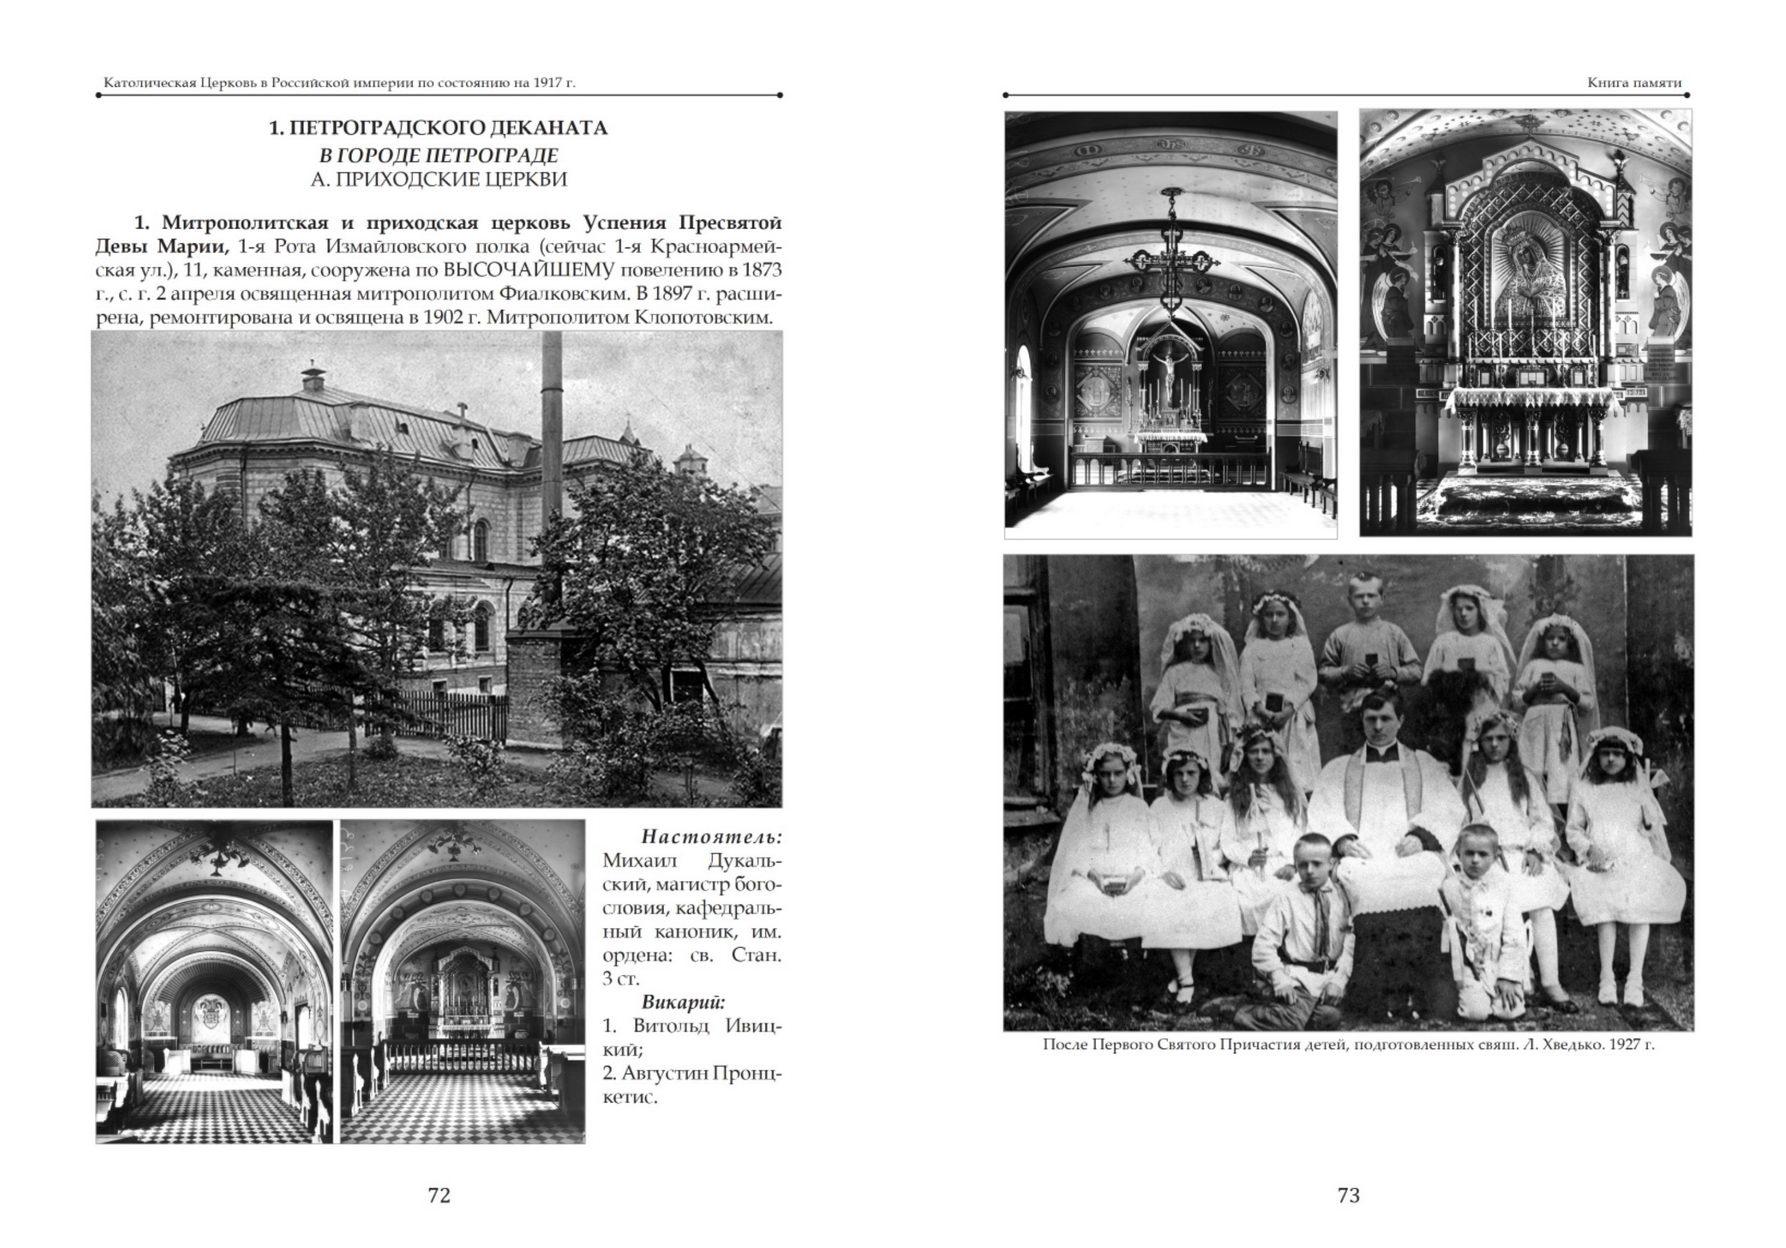 Издана книга, посвященная Католической Церкви в России накануне революции 1917 года и в Советский период 2